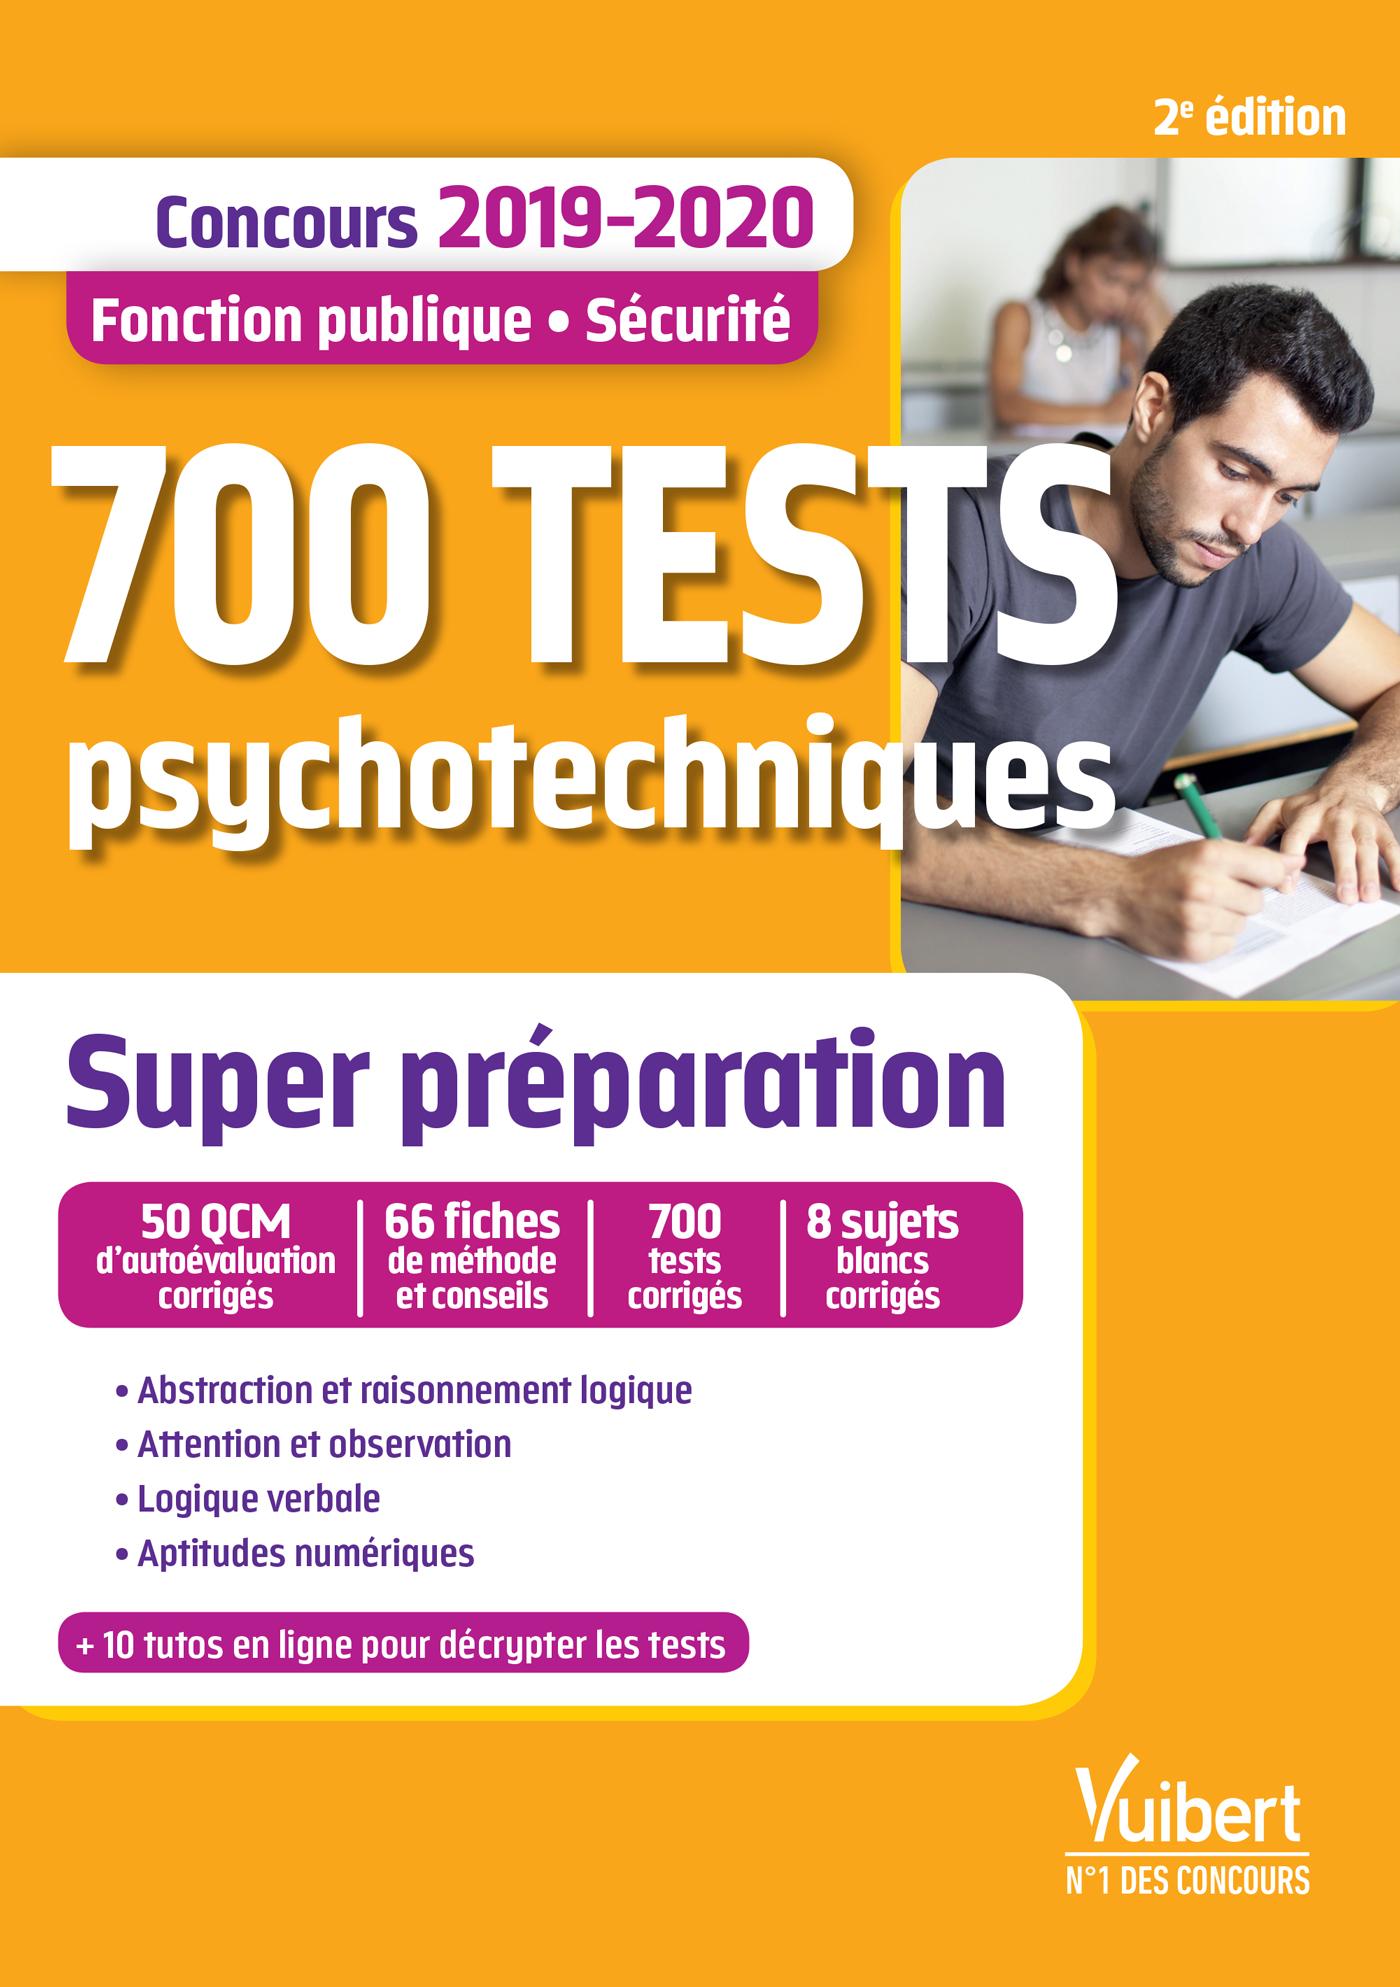 62b79d443fd 700 tests psychotechniques - Super préparation